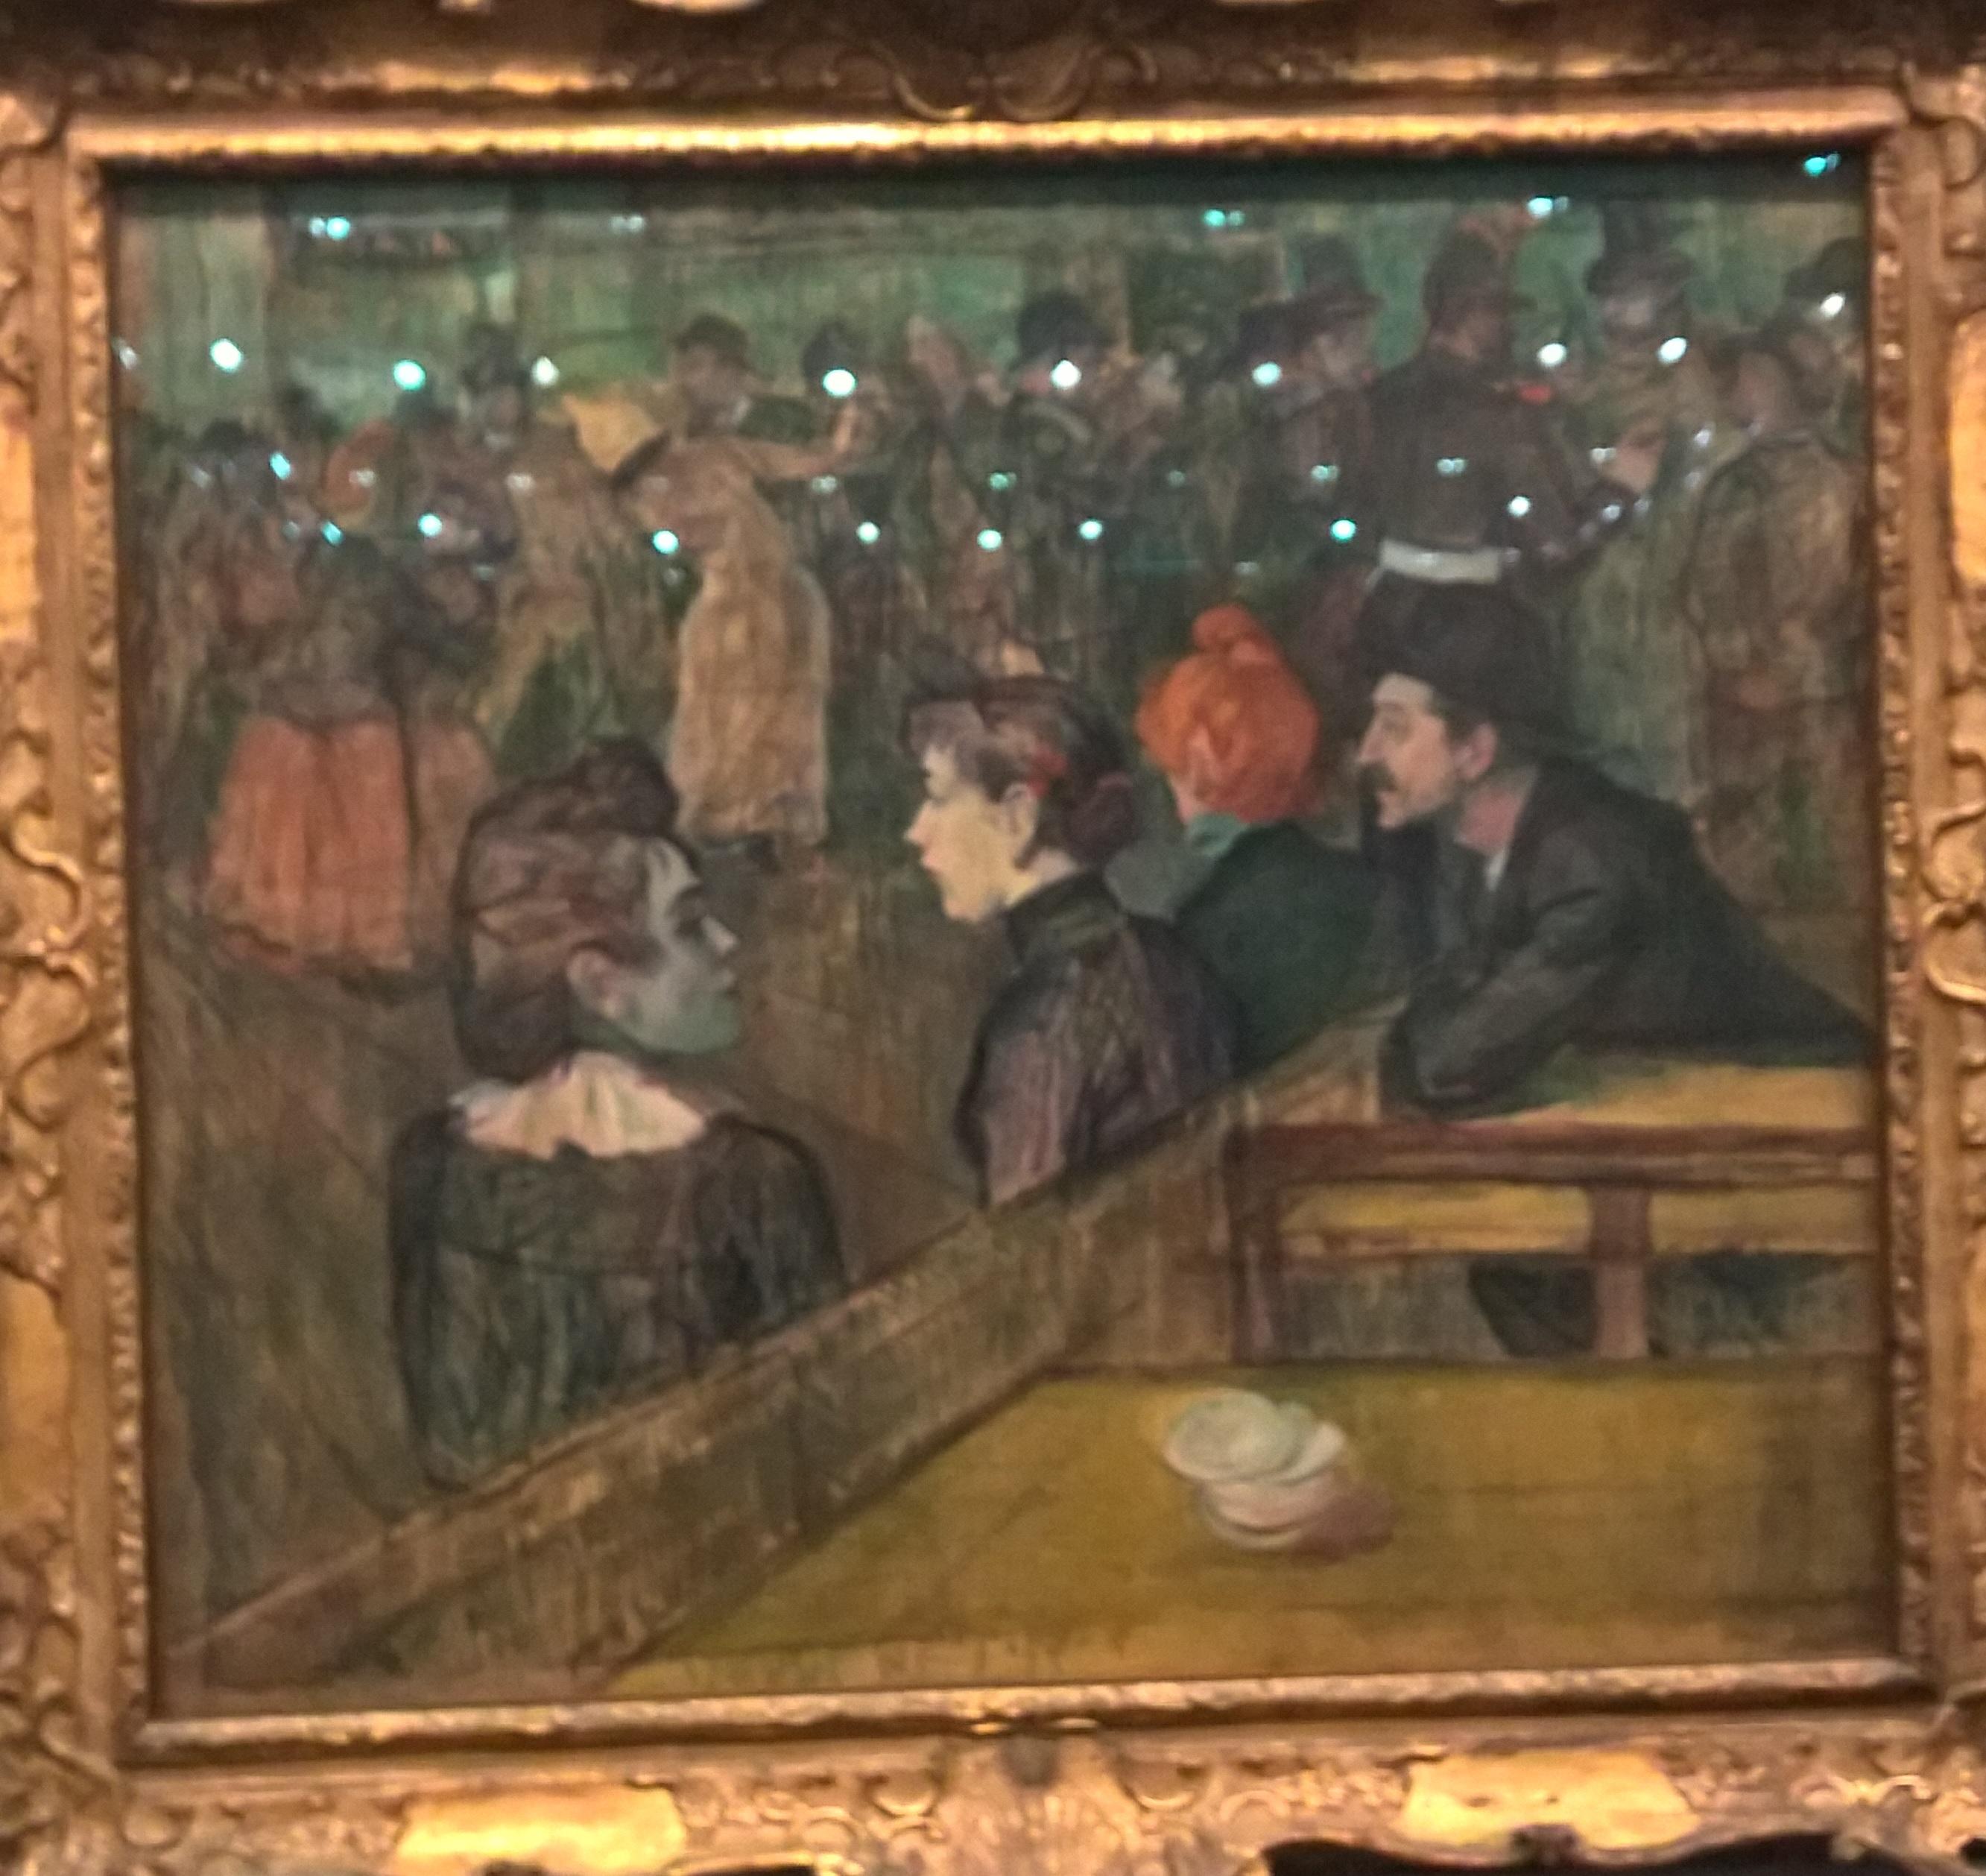 1889 _ Moulin de la Galette _ Óleo sobre tela